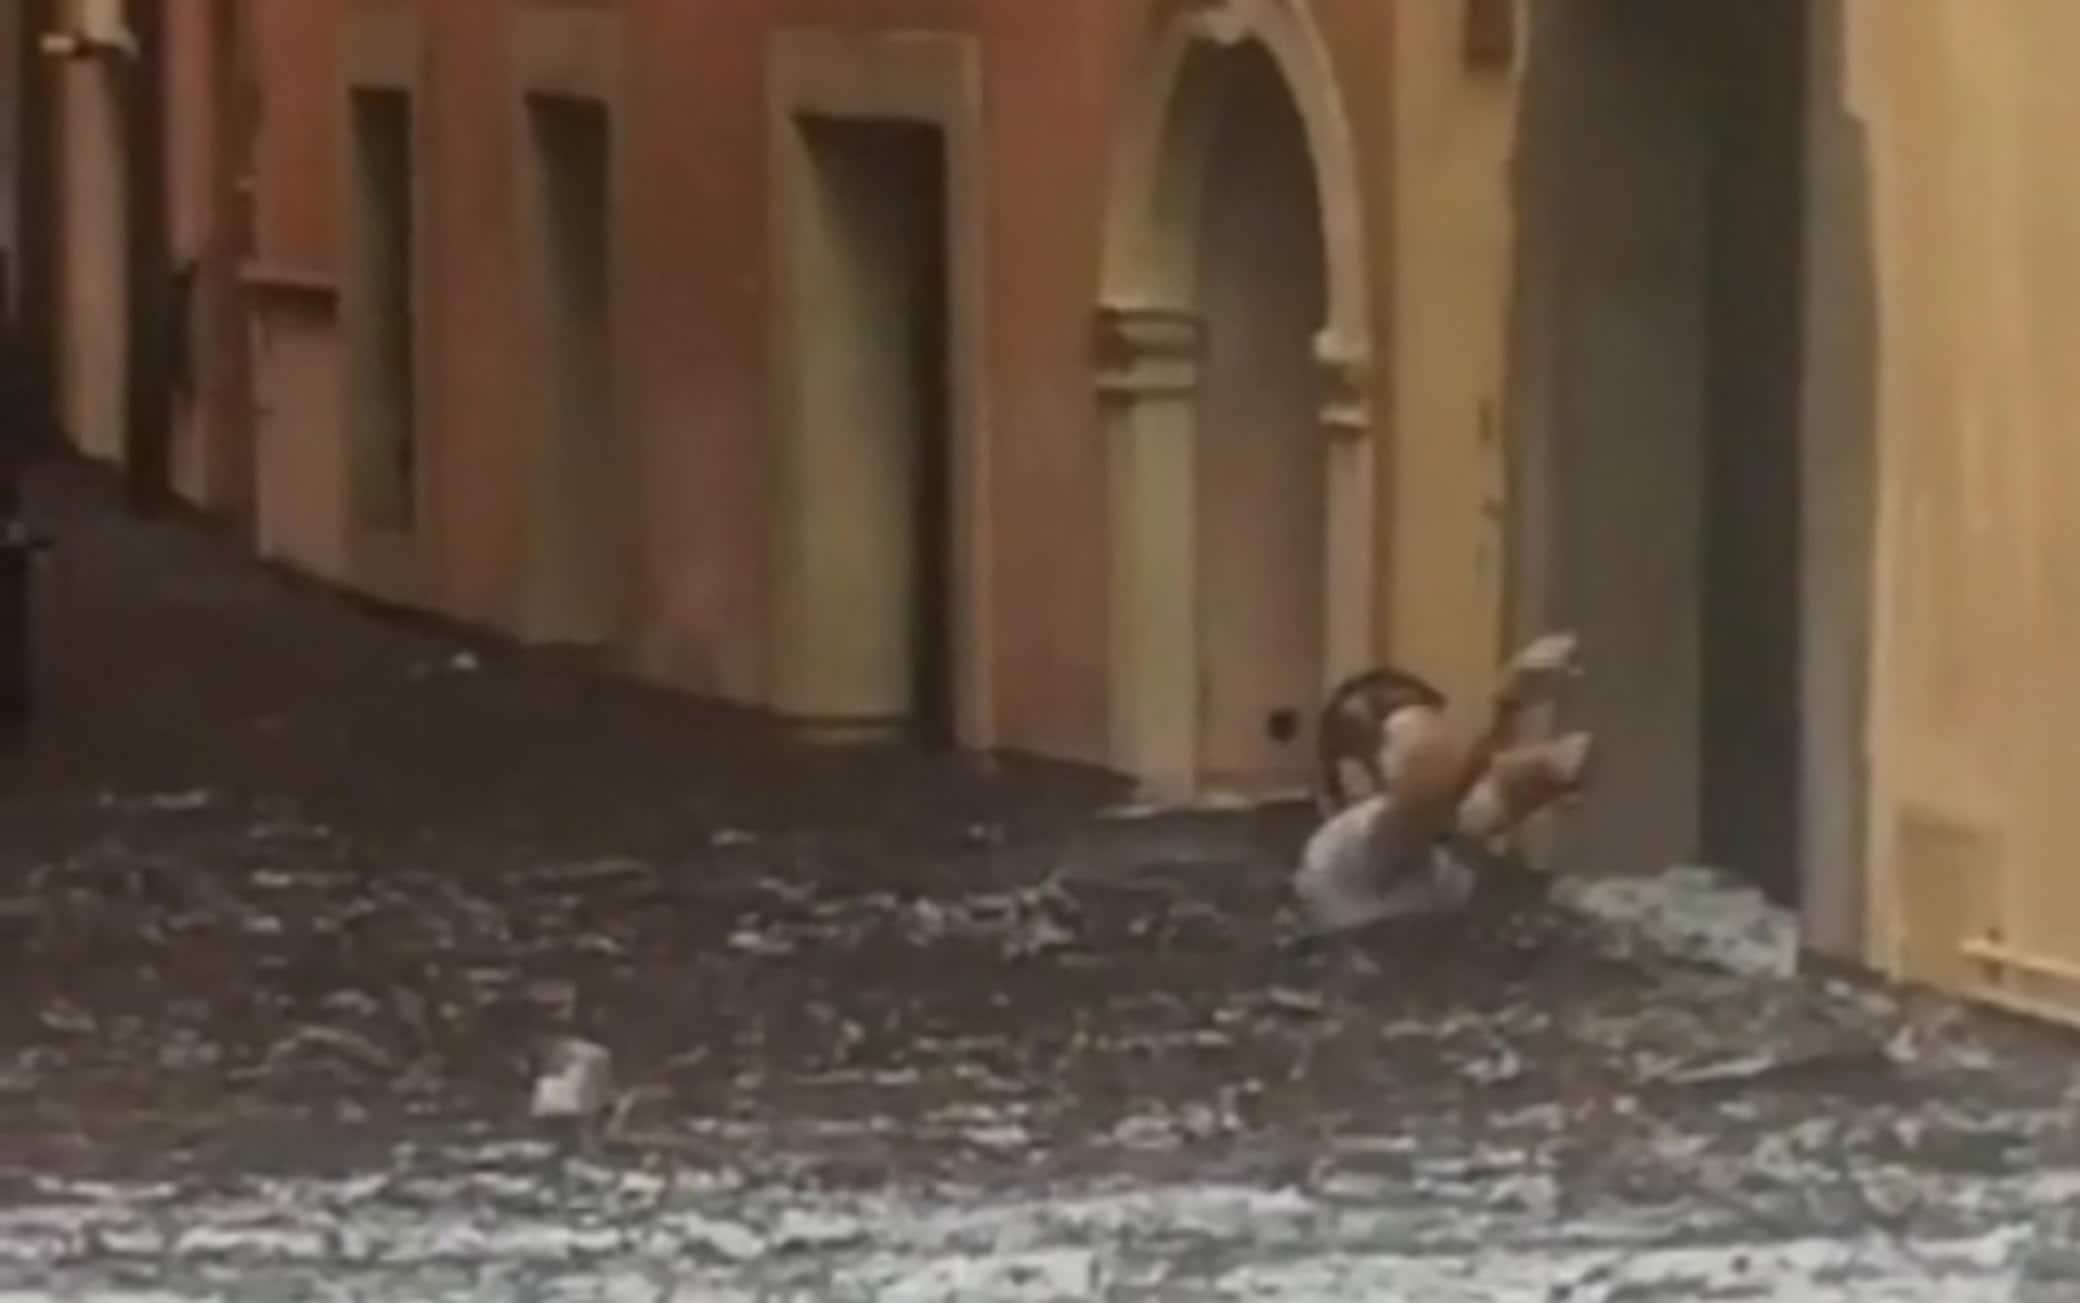 Nubifragio a Verona, strade sommerse da acqua e ghiaccio: il video choc